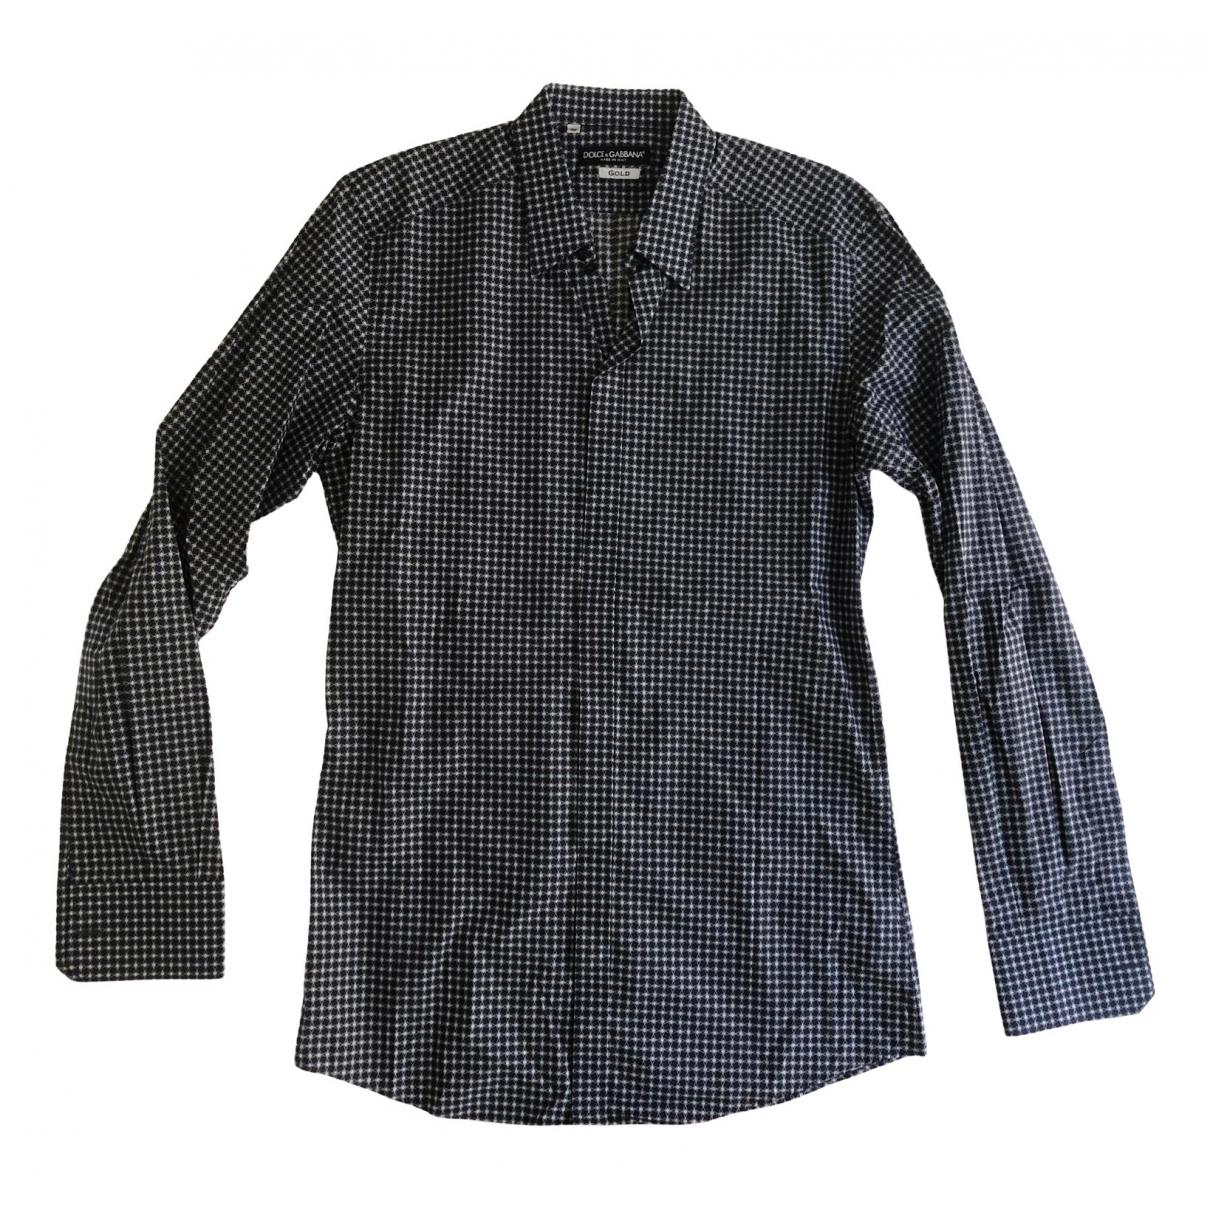 Dolce & Gabbana \N Multicolour Cotton Shirts for Men 39 EU (tour de cou / collar)